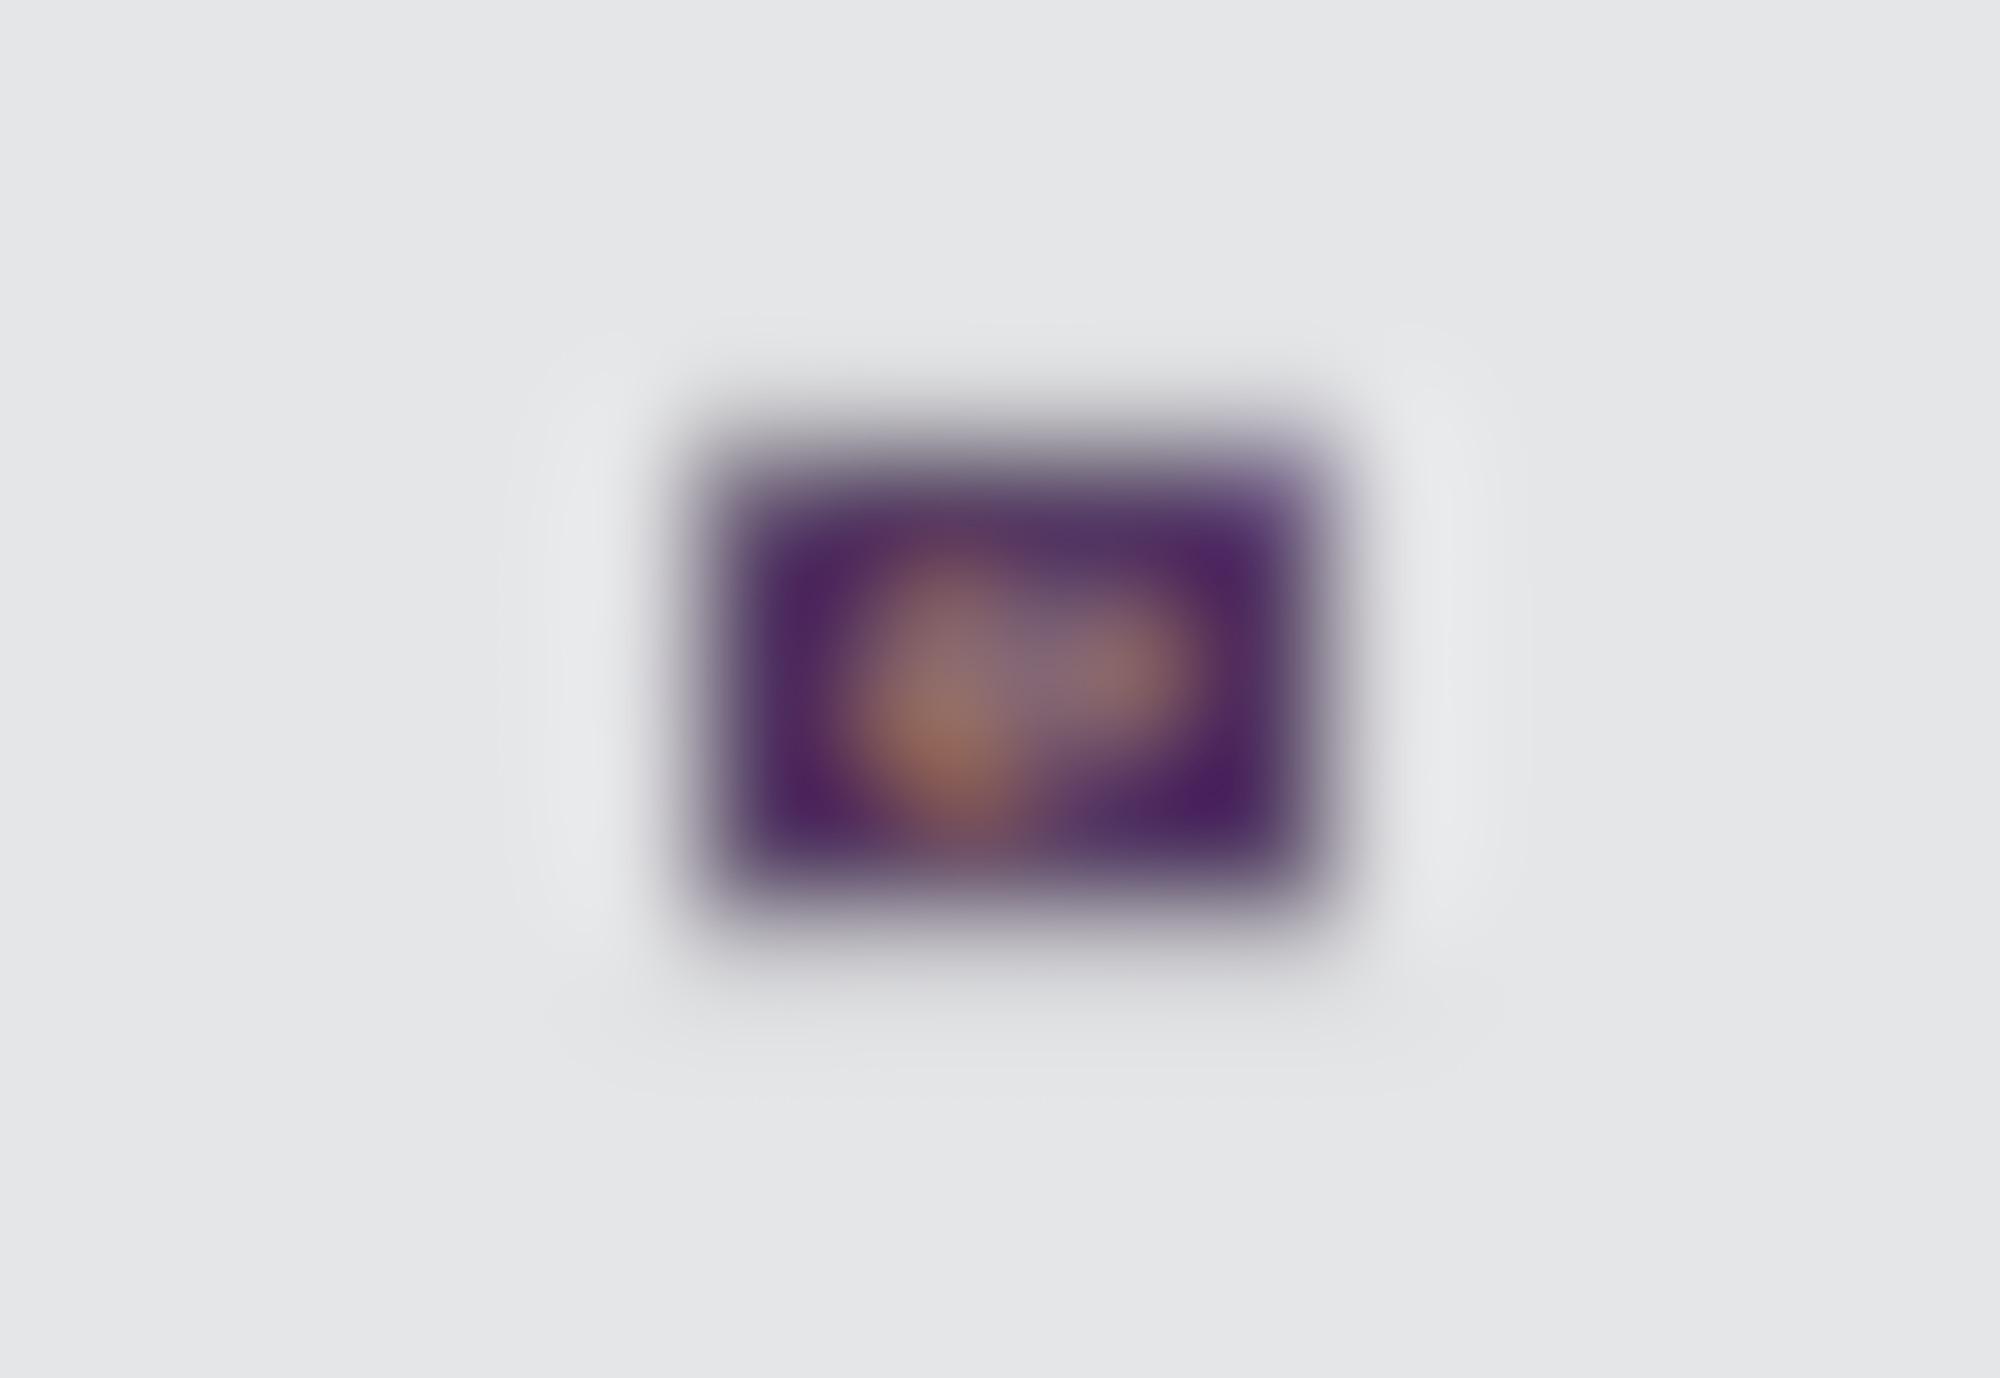 Zazu Ipad Screen 1 lowres autocompressfitresizeixlibphp 1 1 0max h2000max w3 D2000q80s375237fb64c0bdb4799968a0836ab207